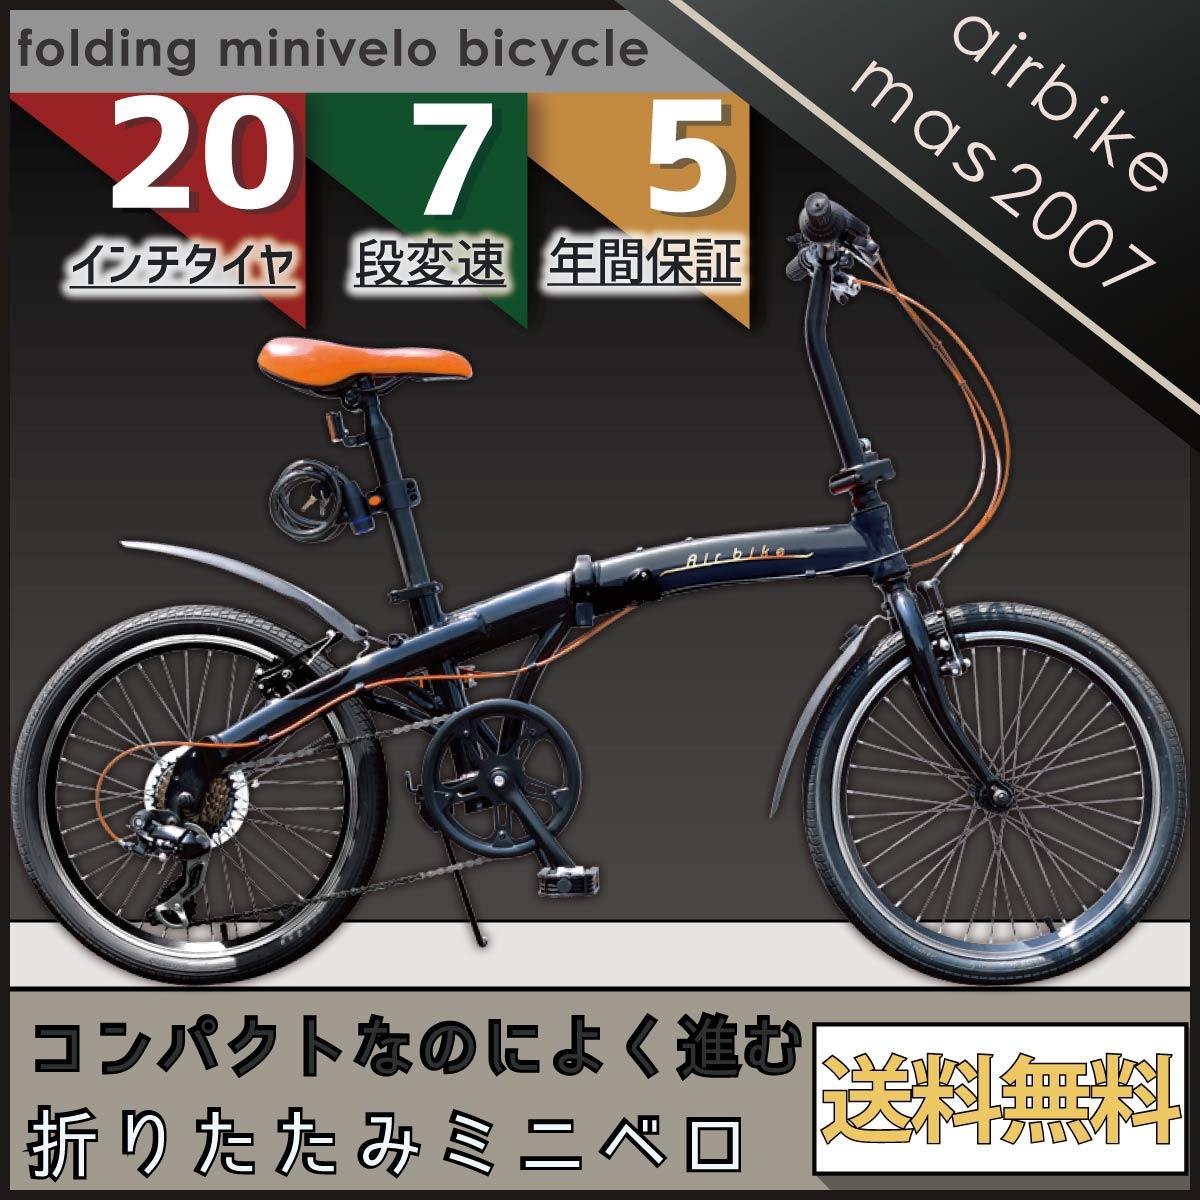 折りたたみ自転車 20インチ 鍵 ライト 泥除け 付き 軽量 アルミフレーム コンパクト ミニベロ 7段変速 Airbike タイヤ小径車 折り畳み自転車 街乗り自転車 シティサイクル アウトドア